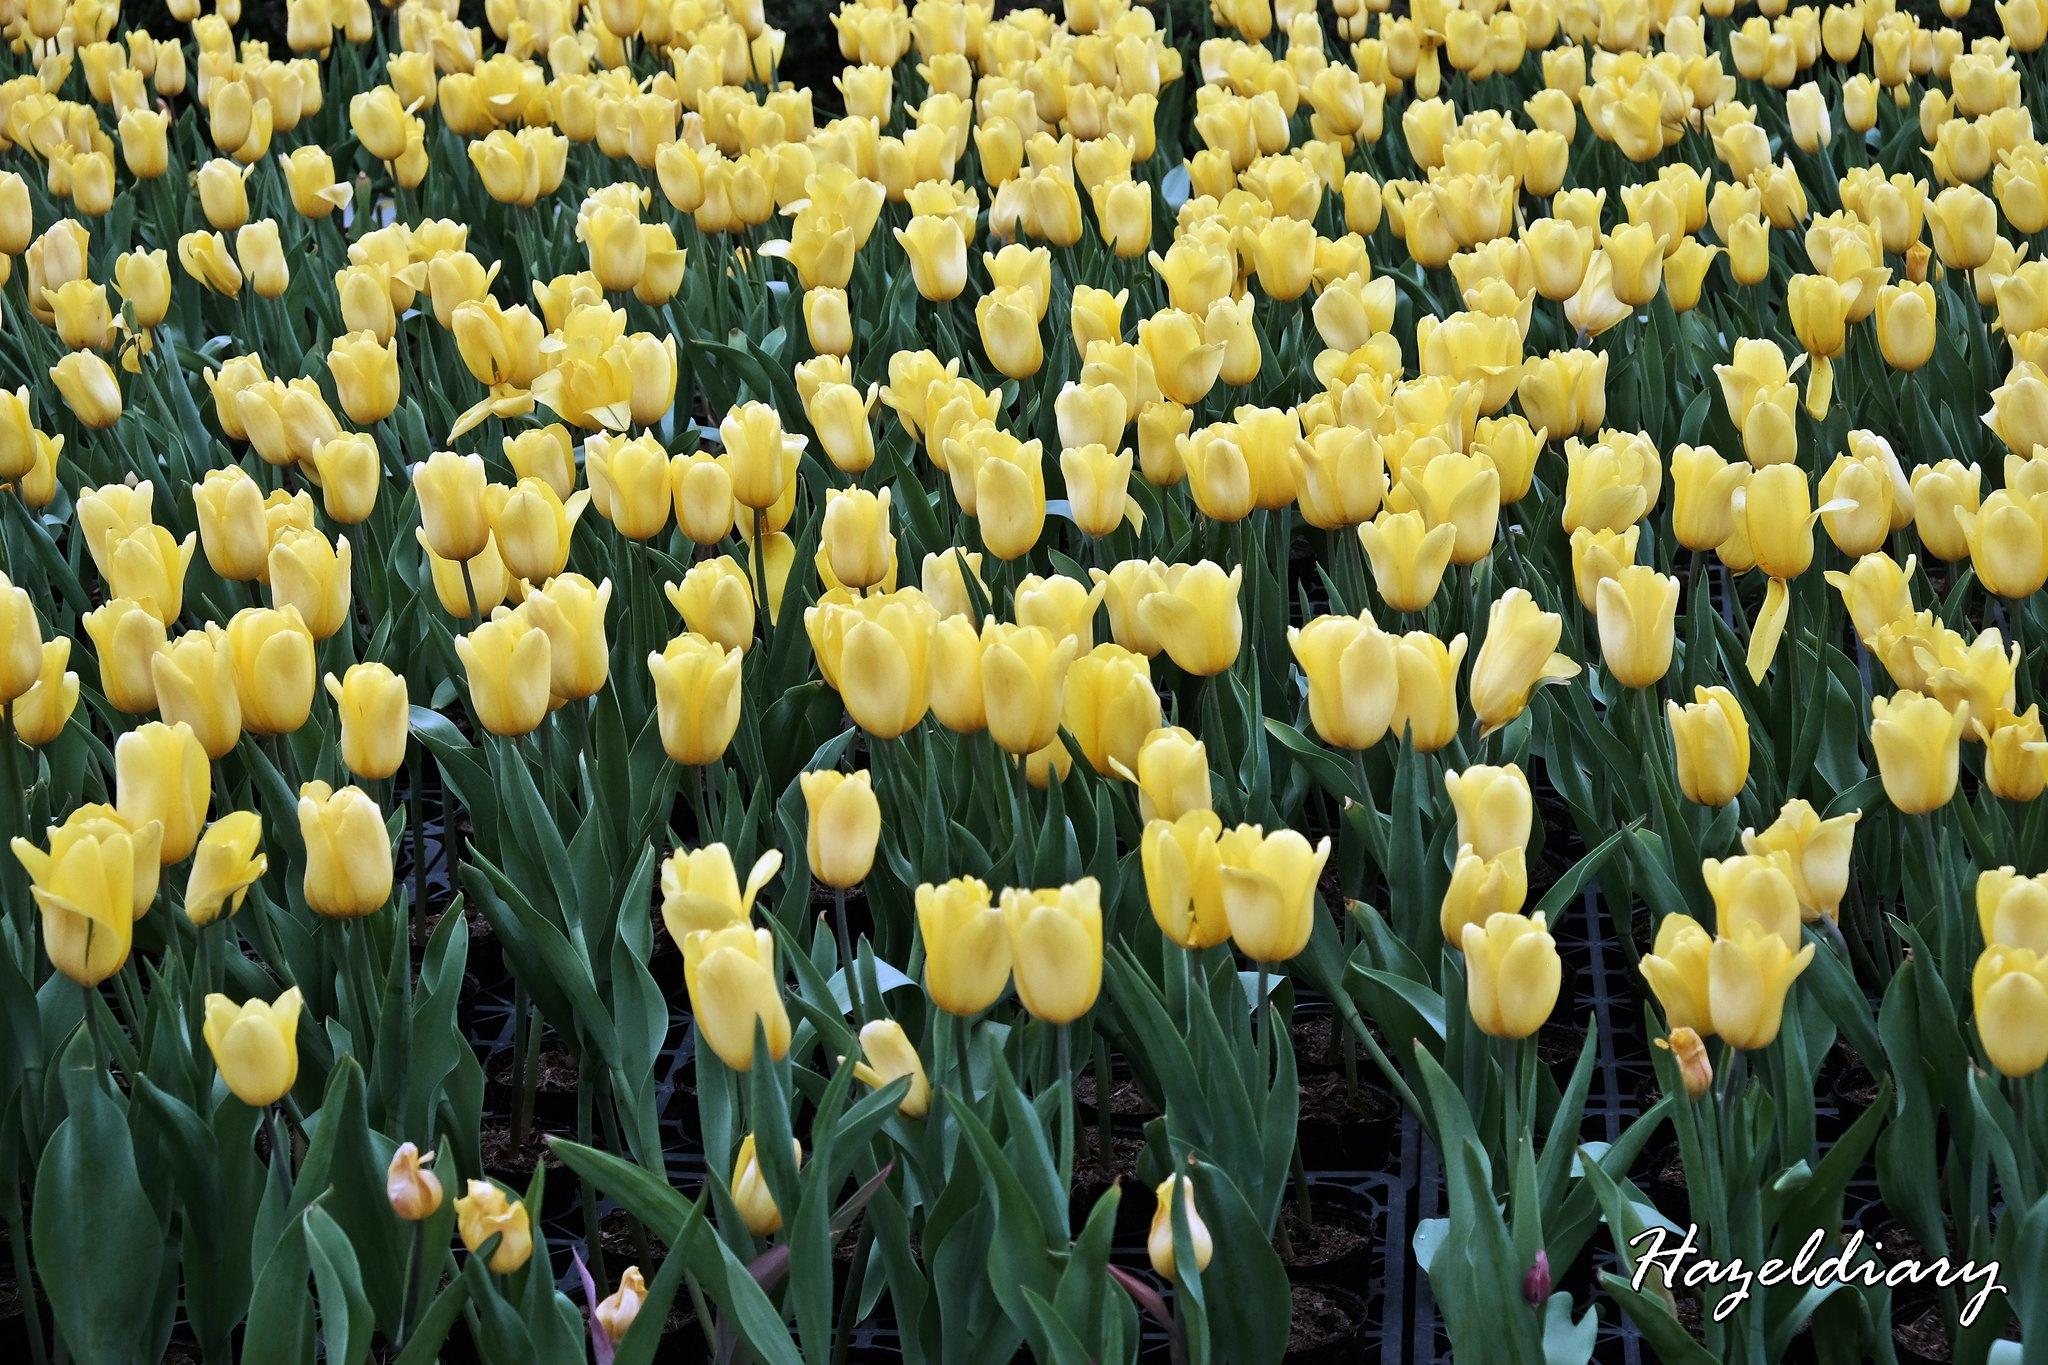 Zhong She Guan Guang Flower Market Taichung Taiwan-Tulip-2